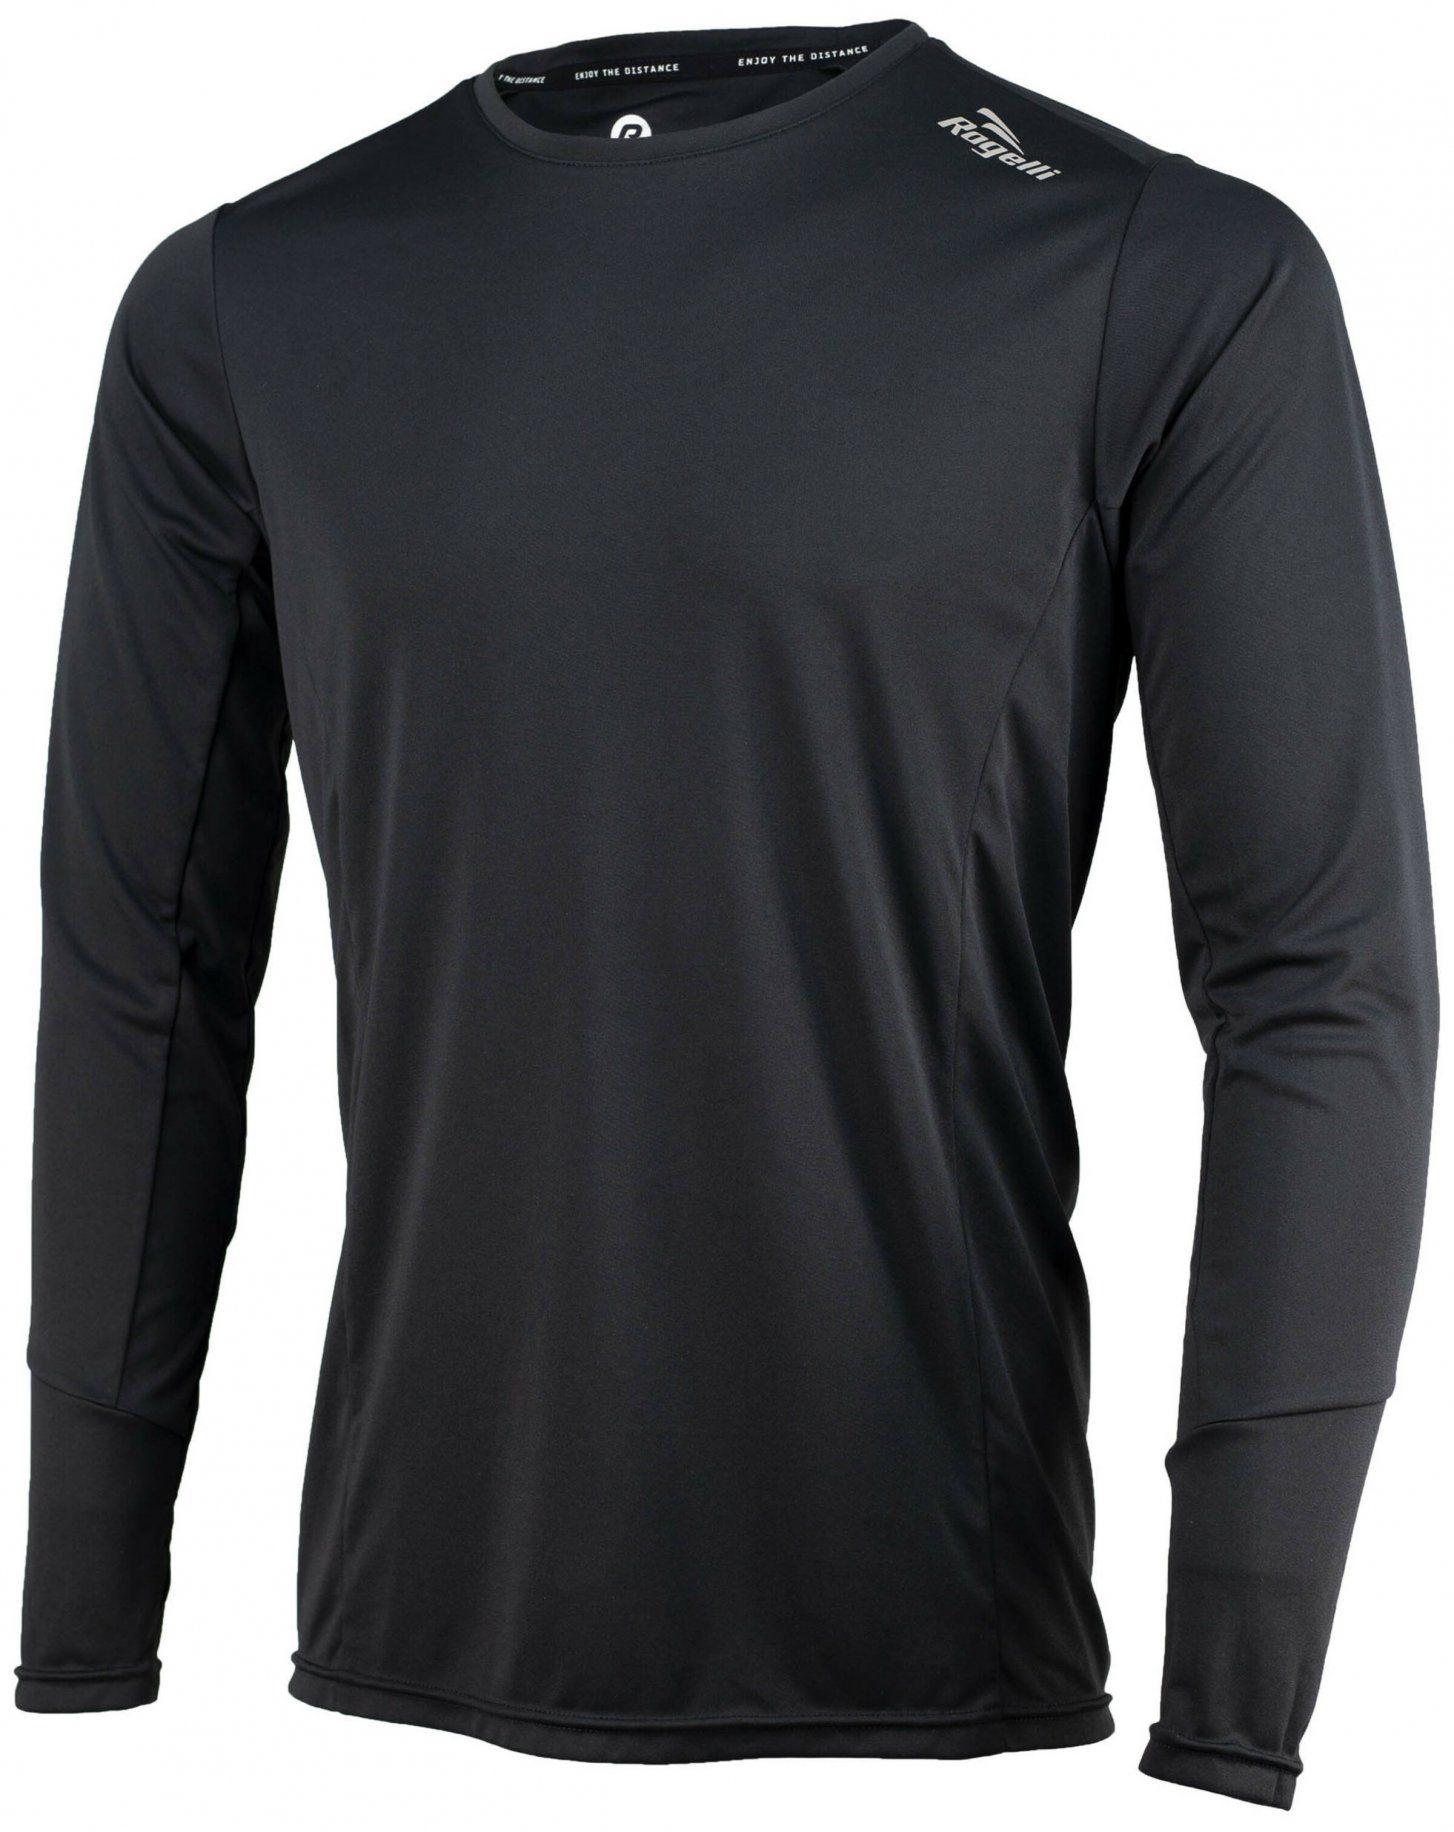 Rogelli RUN 800.261 BASIC koszulka z długim rękawem do biegania czarna Rozmiar: S,800.261